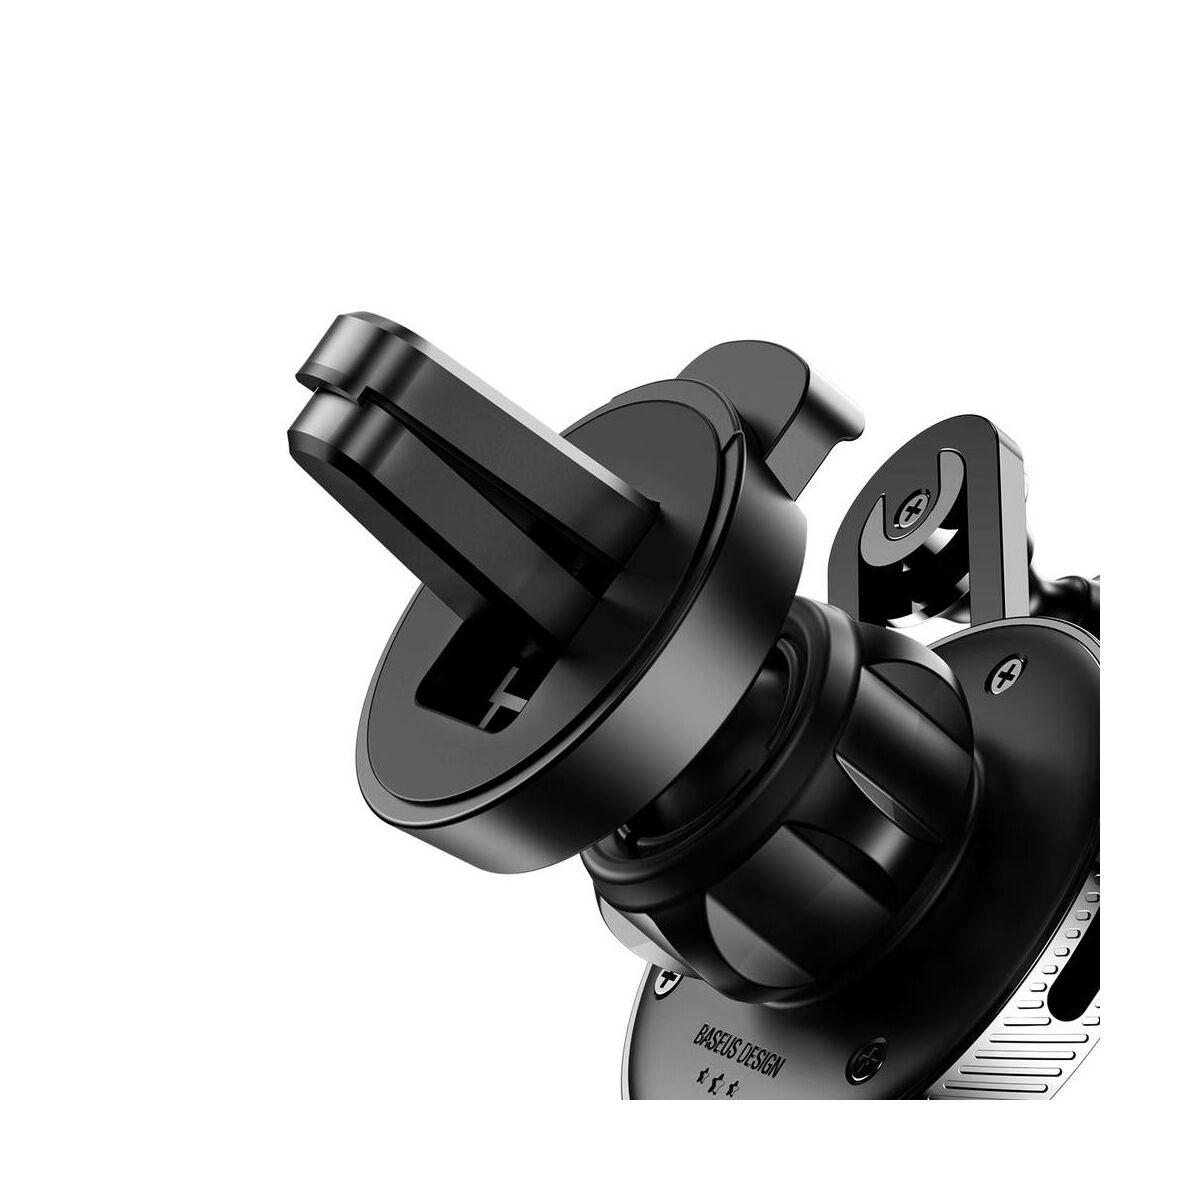 Baseus autós telefon tartó, YY alakú töltő kábellel (Type-C), fekete (SUTYY-01)